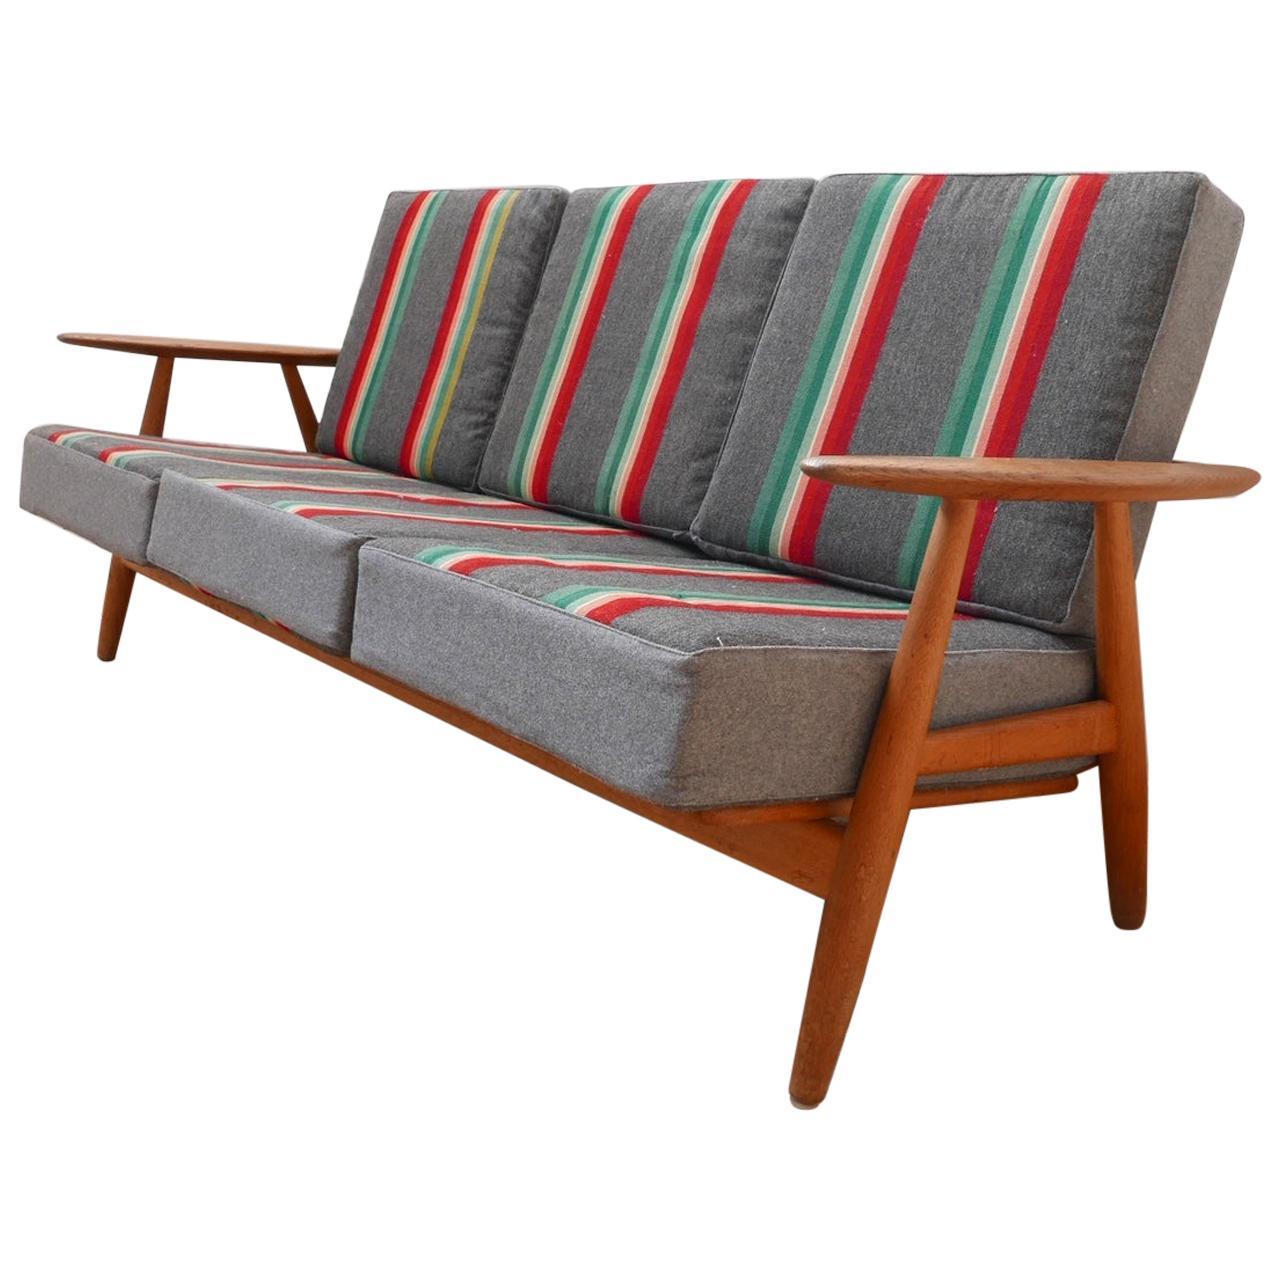 Hans J Wegner 'Cigar' GE-240 Sofa for GETAMA